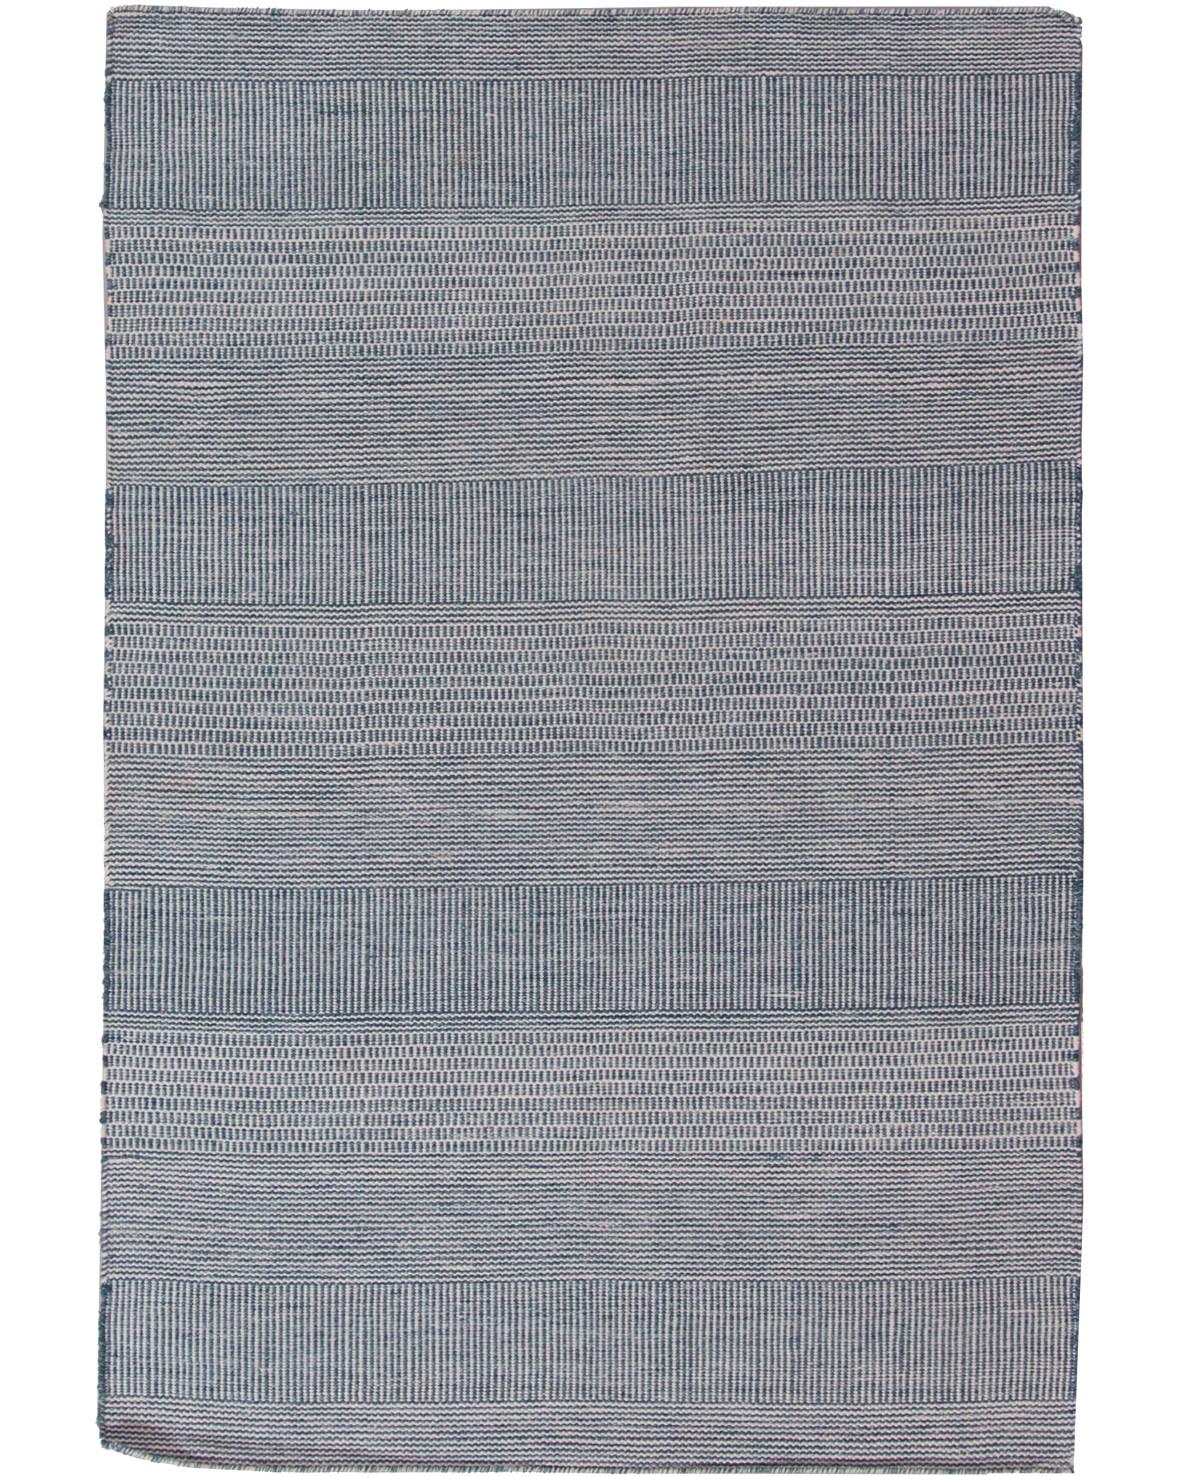 Klimatsmart blå handvävd matta Bohemian 160x230cm av material från återvunna PET flaskor i ett modernt randigt mönster